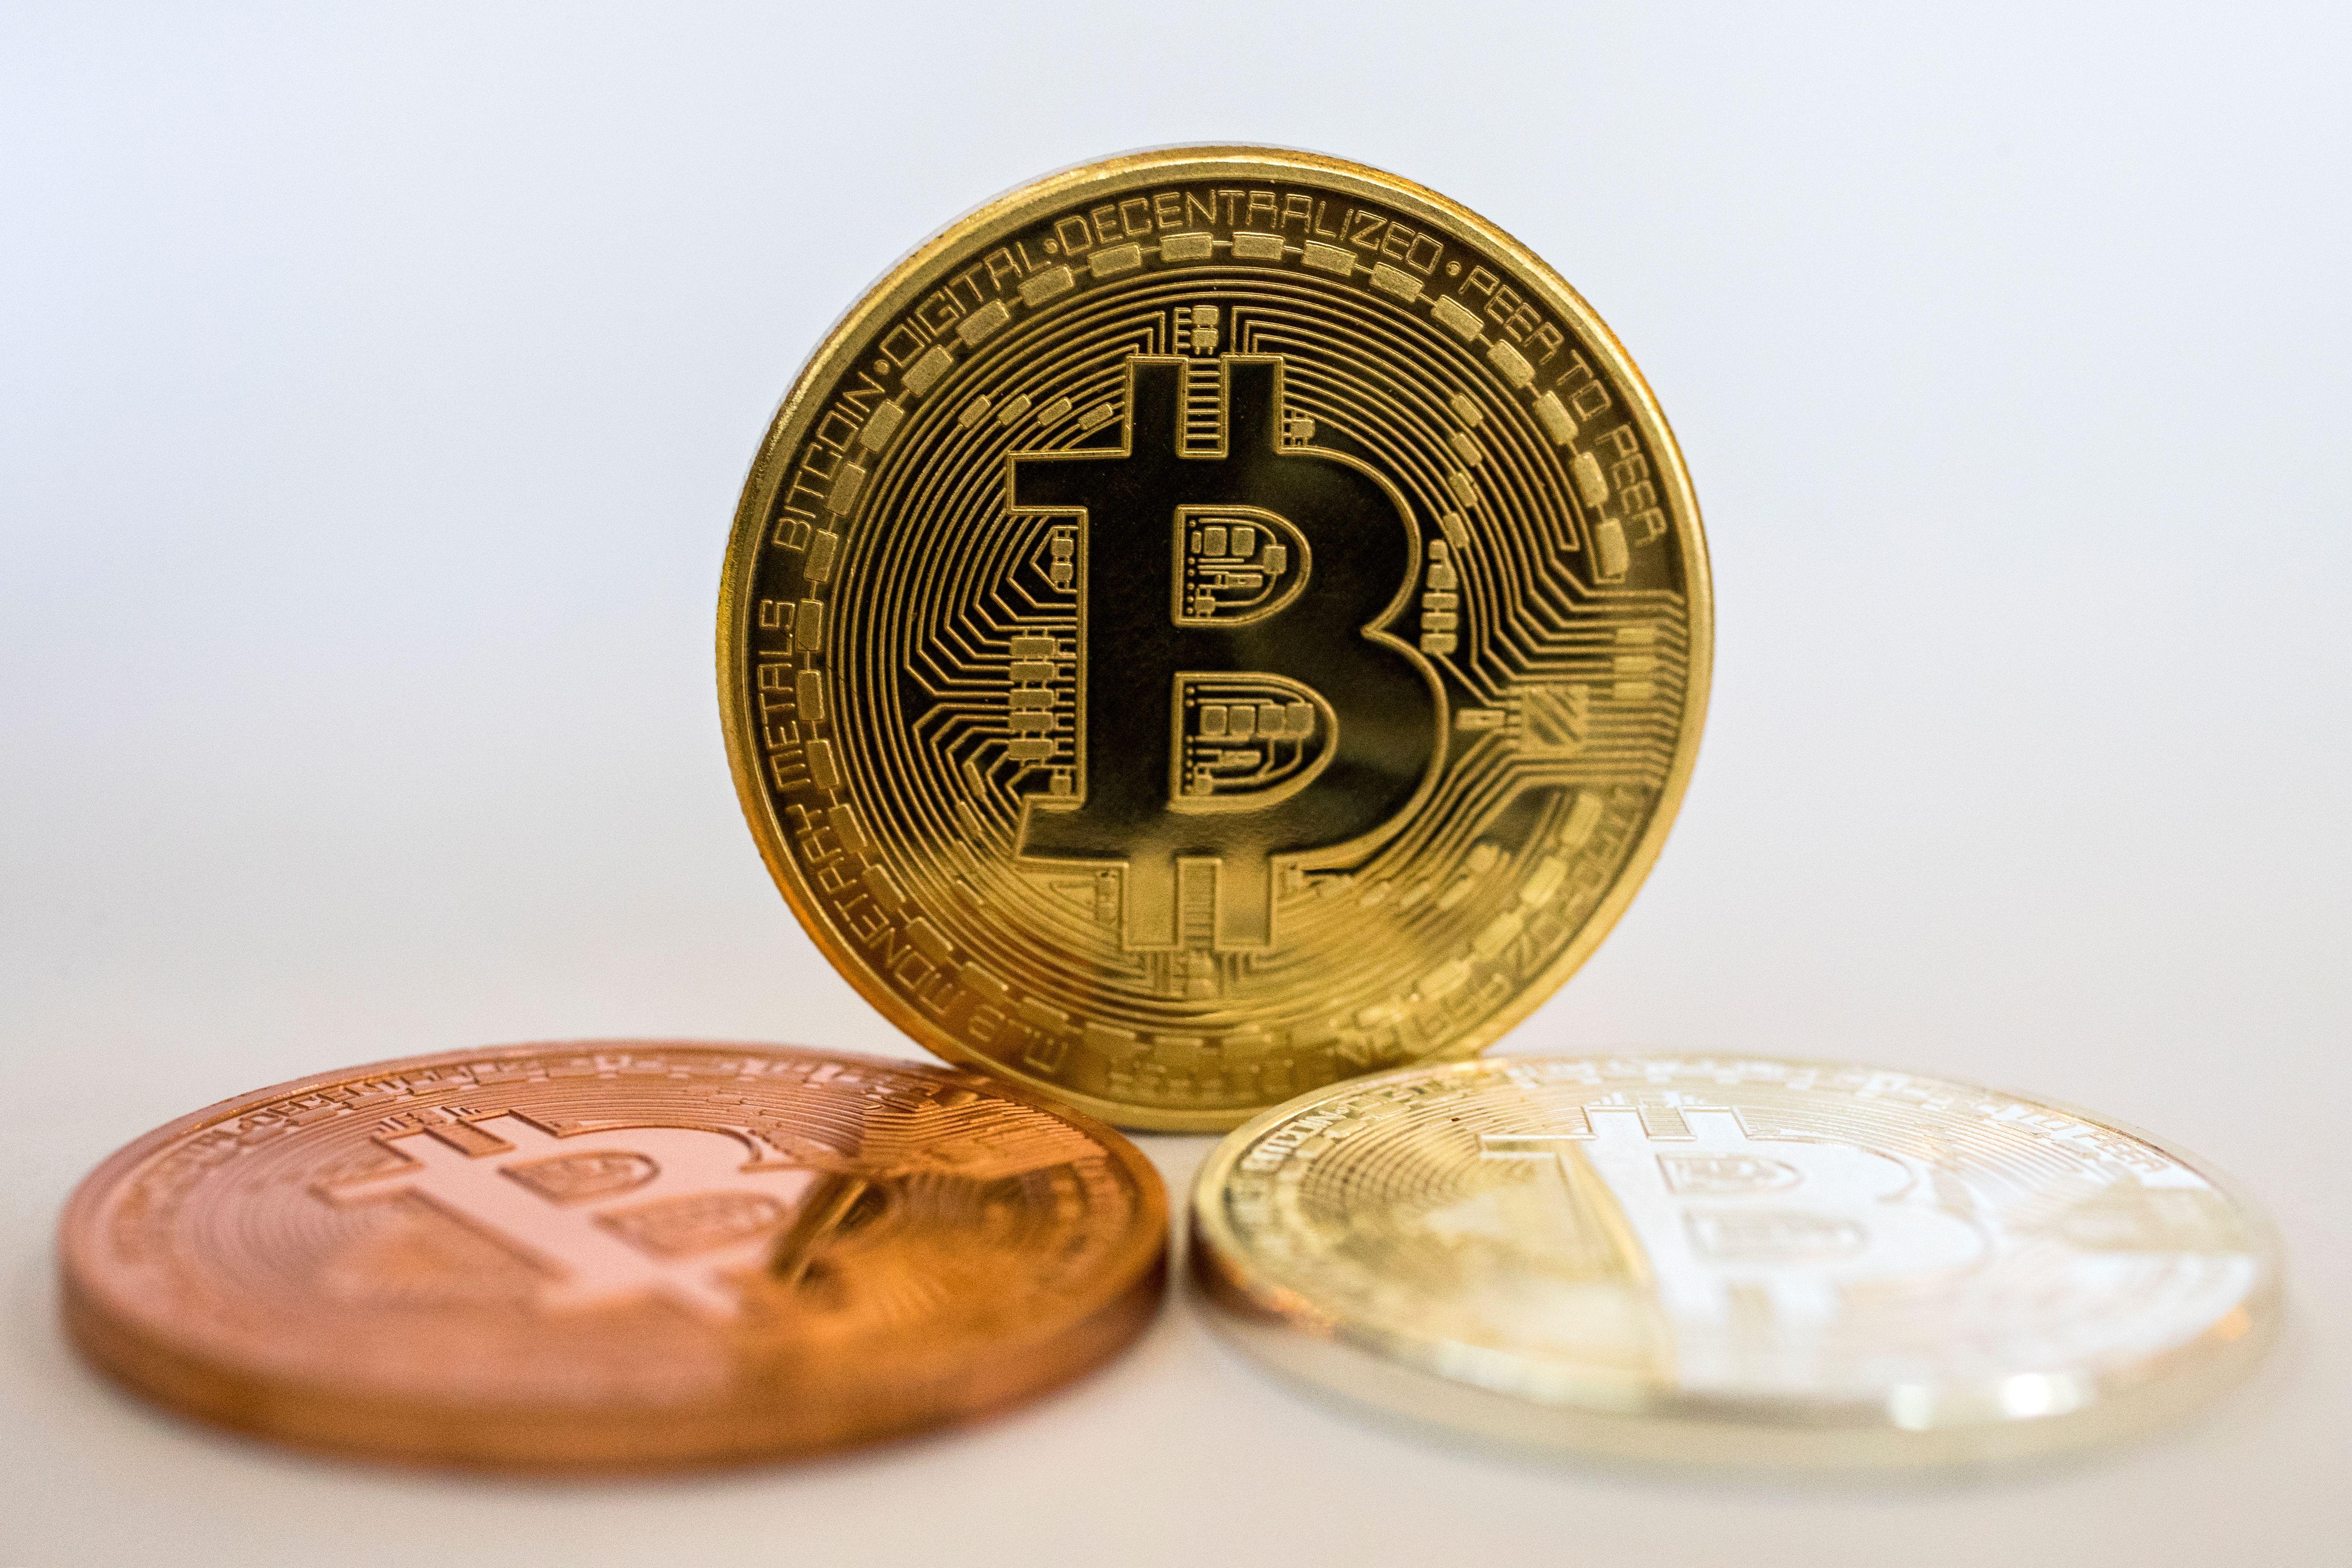 美國會擬法案 禁止大科技公司發行數字貨幣